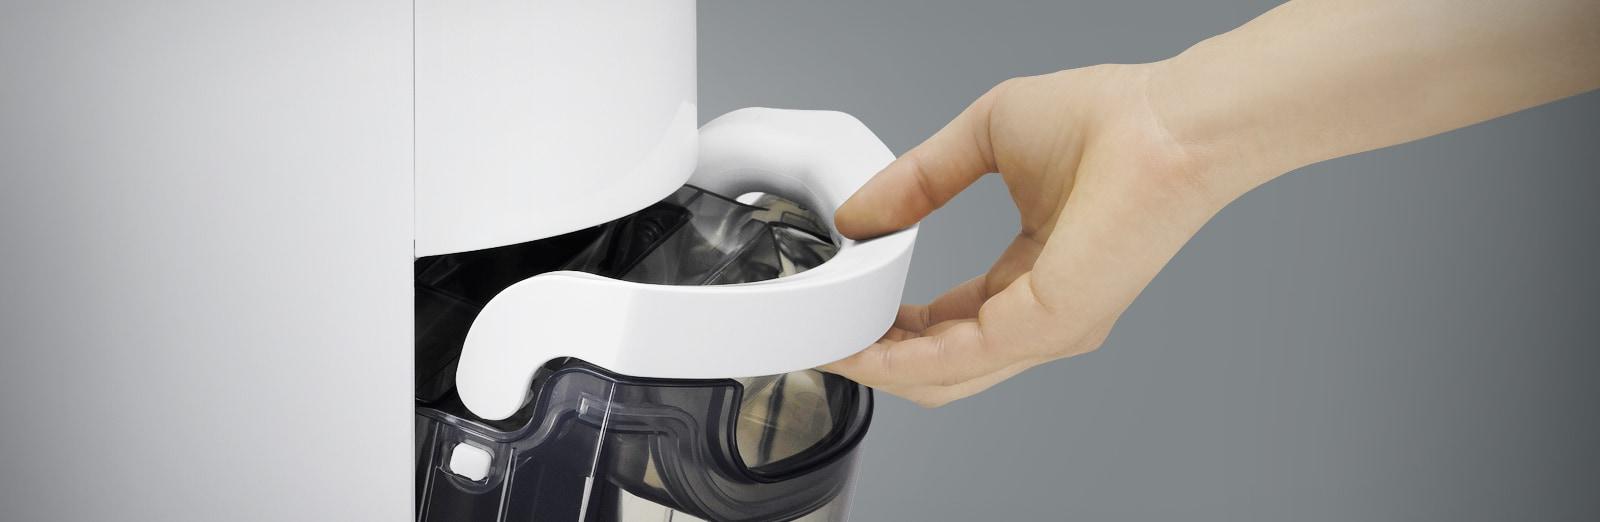 Transparent water tank design